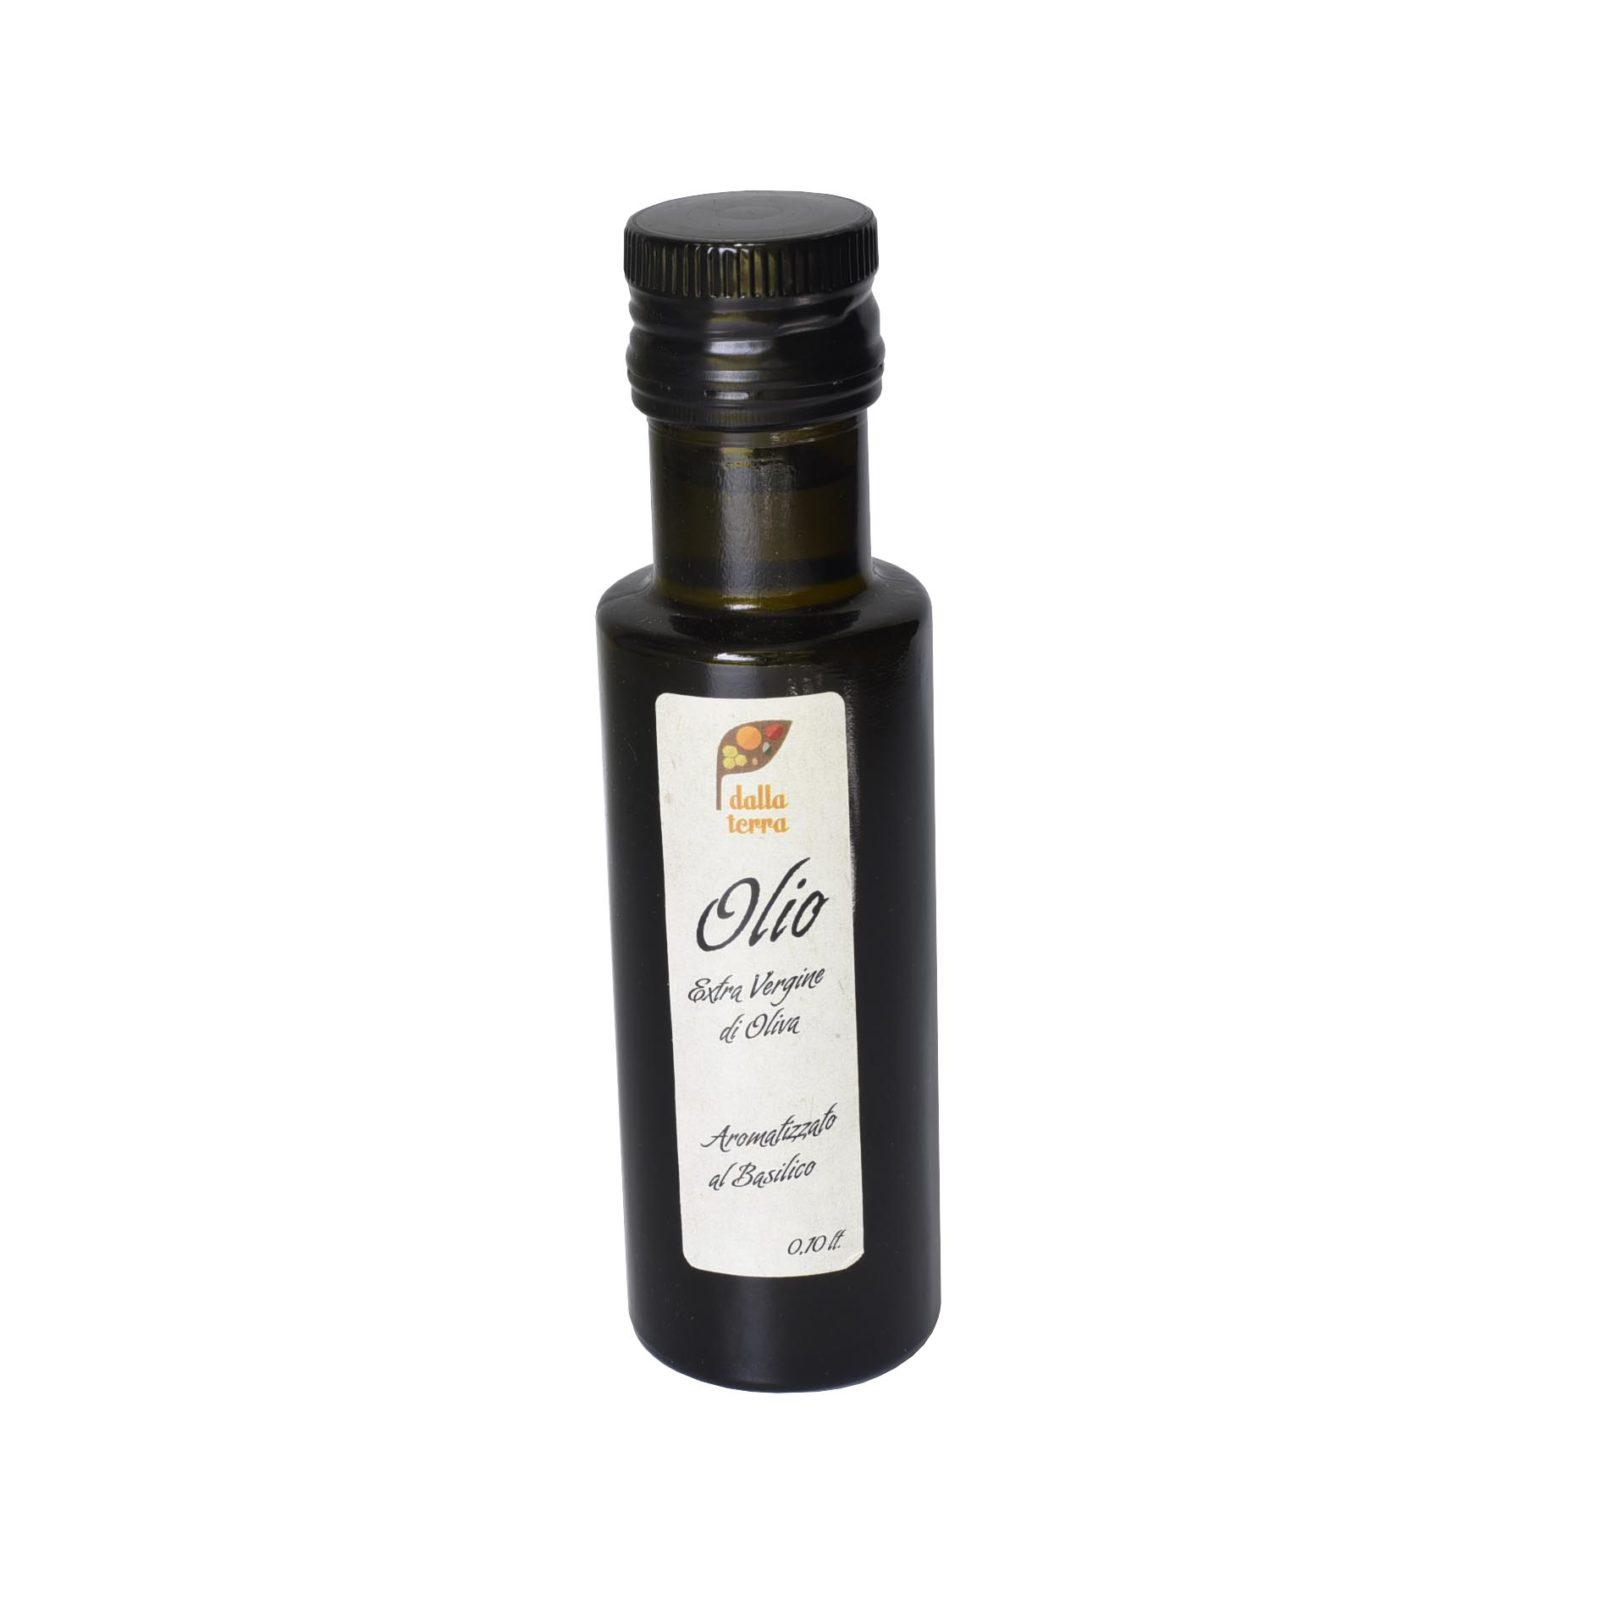 Olio d'oliva aromatizzato al basilico